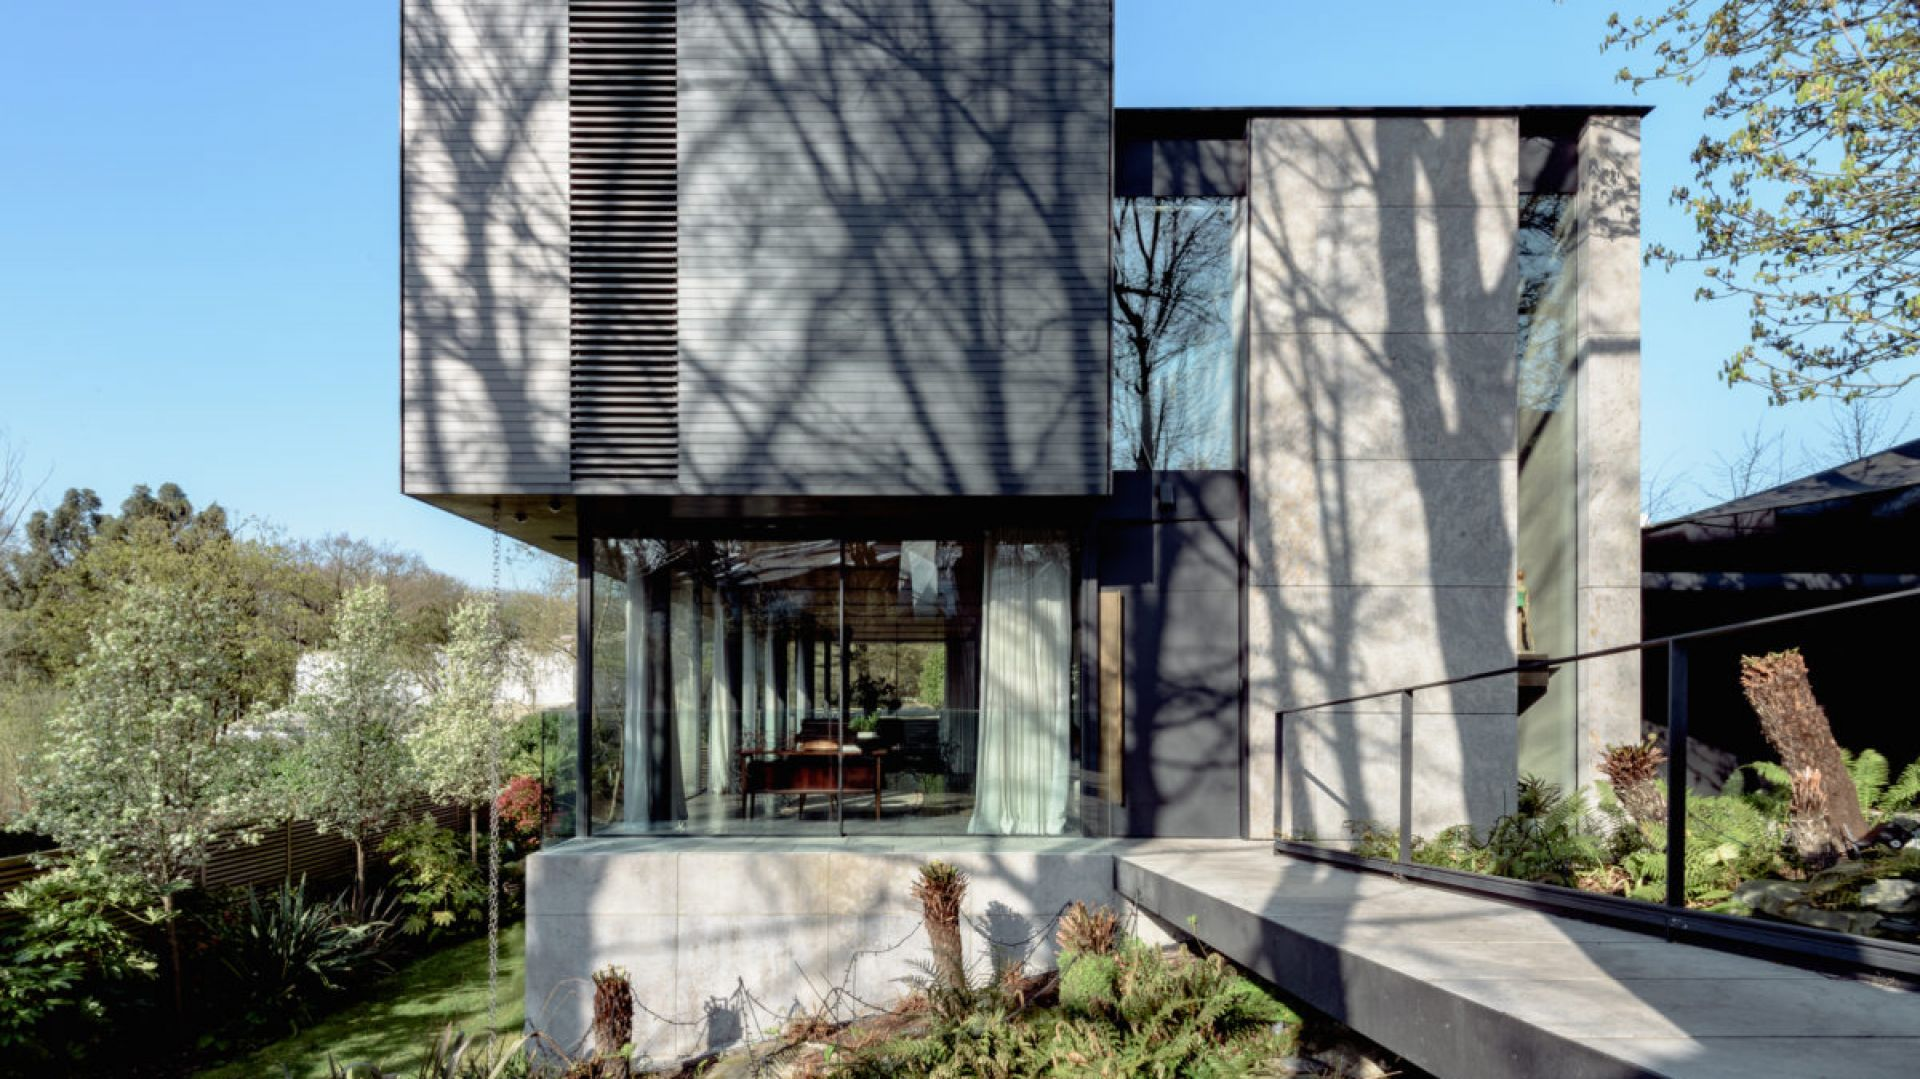 Wartość rynkową domu Fitzroy określono na 9.950.000 funtów. Fot. The Modern House